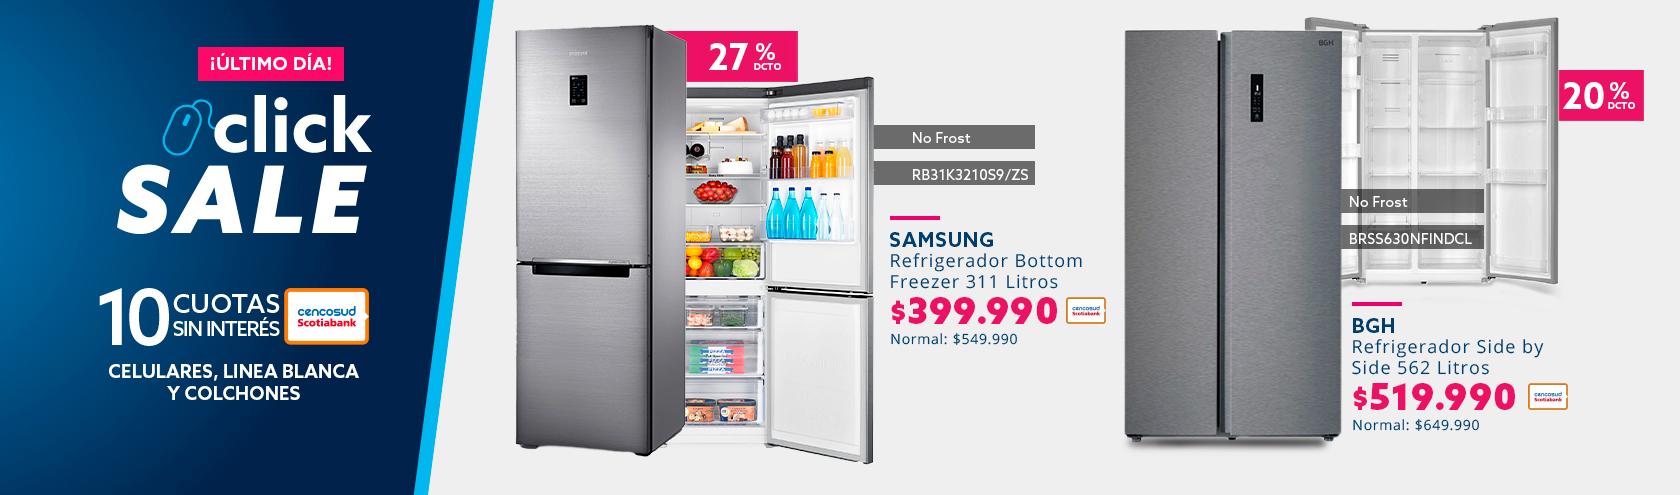 Descuento en refrigeradores